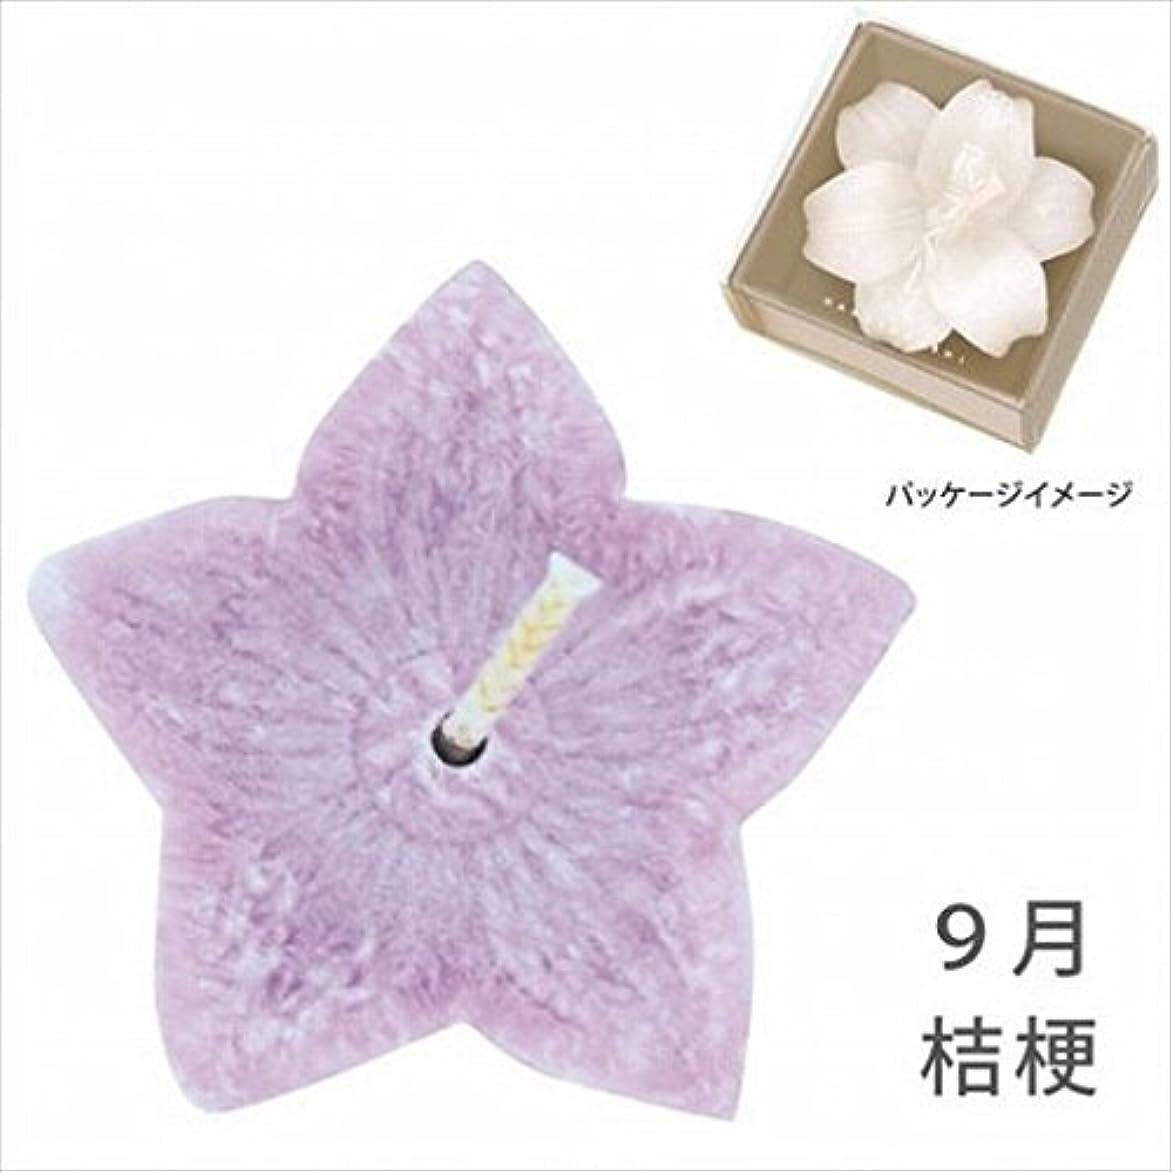 ヒール情熱見てkameyama candle(カメヤマキャンドル) 花づくし(植物性) 桔梗 「 桔梗(9月) 」 キャンドル(A4620510)